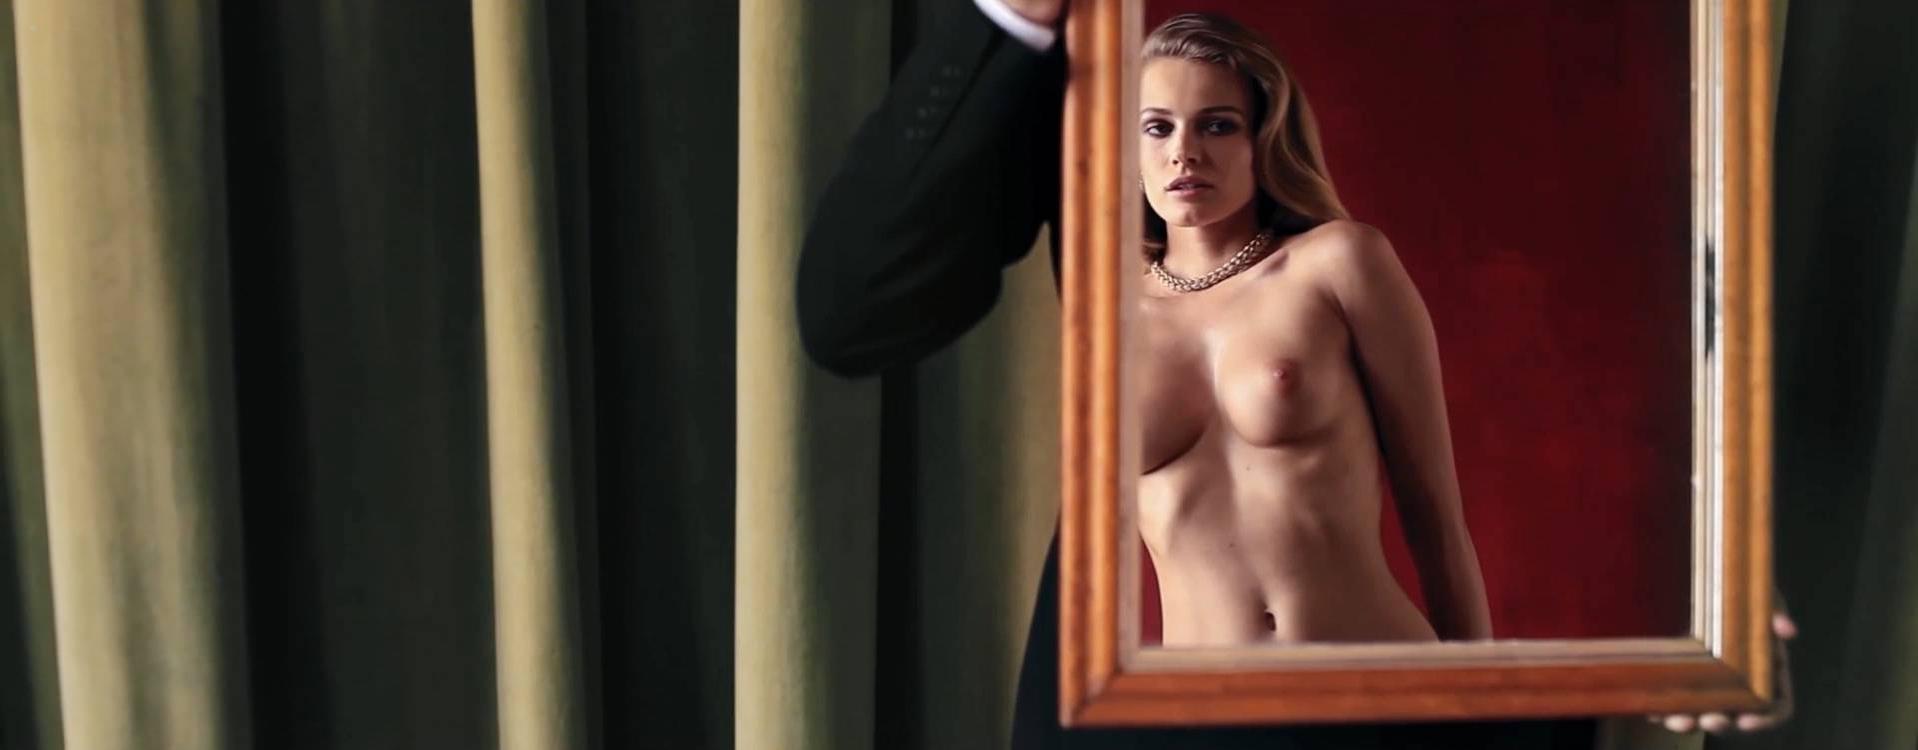 Edita Vilkeviciute nude - Persona (2016)